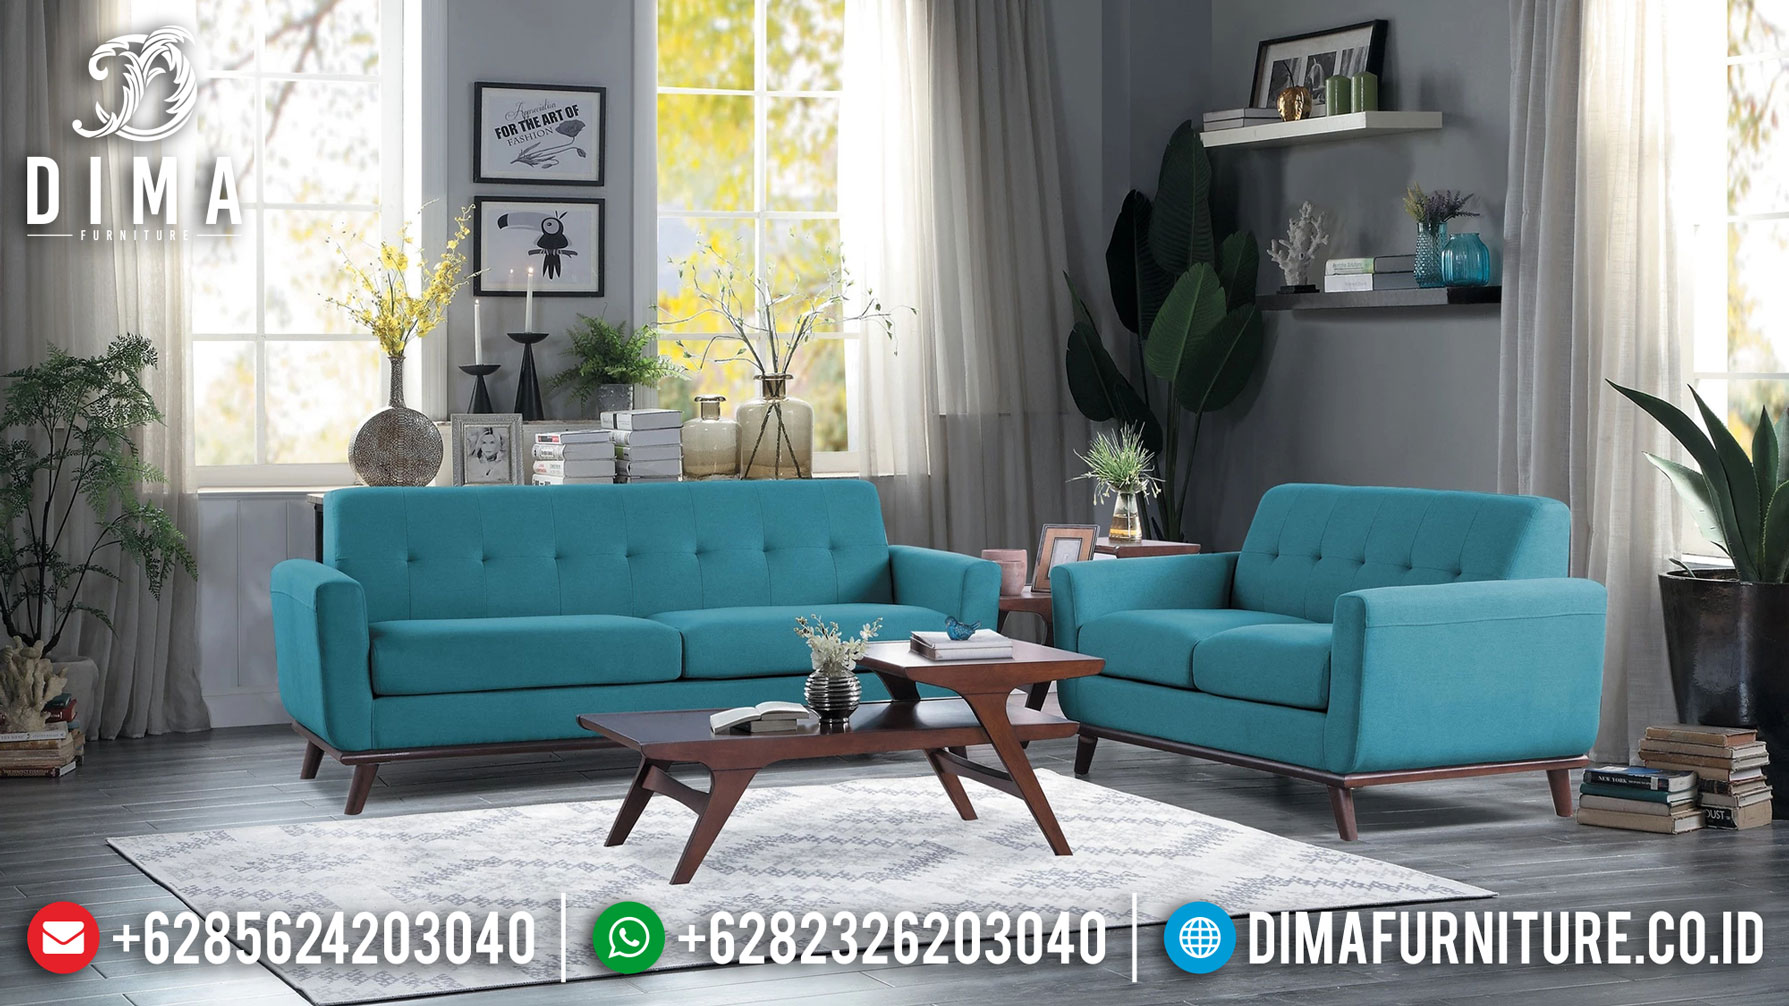 Classic Desain Sofa Tamu Minimalis New Scandinavian Style Elegant Furniture Jepara Mm-0771